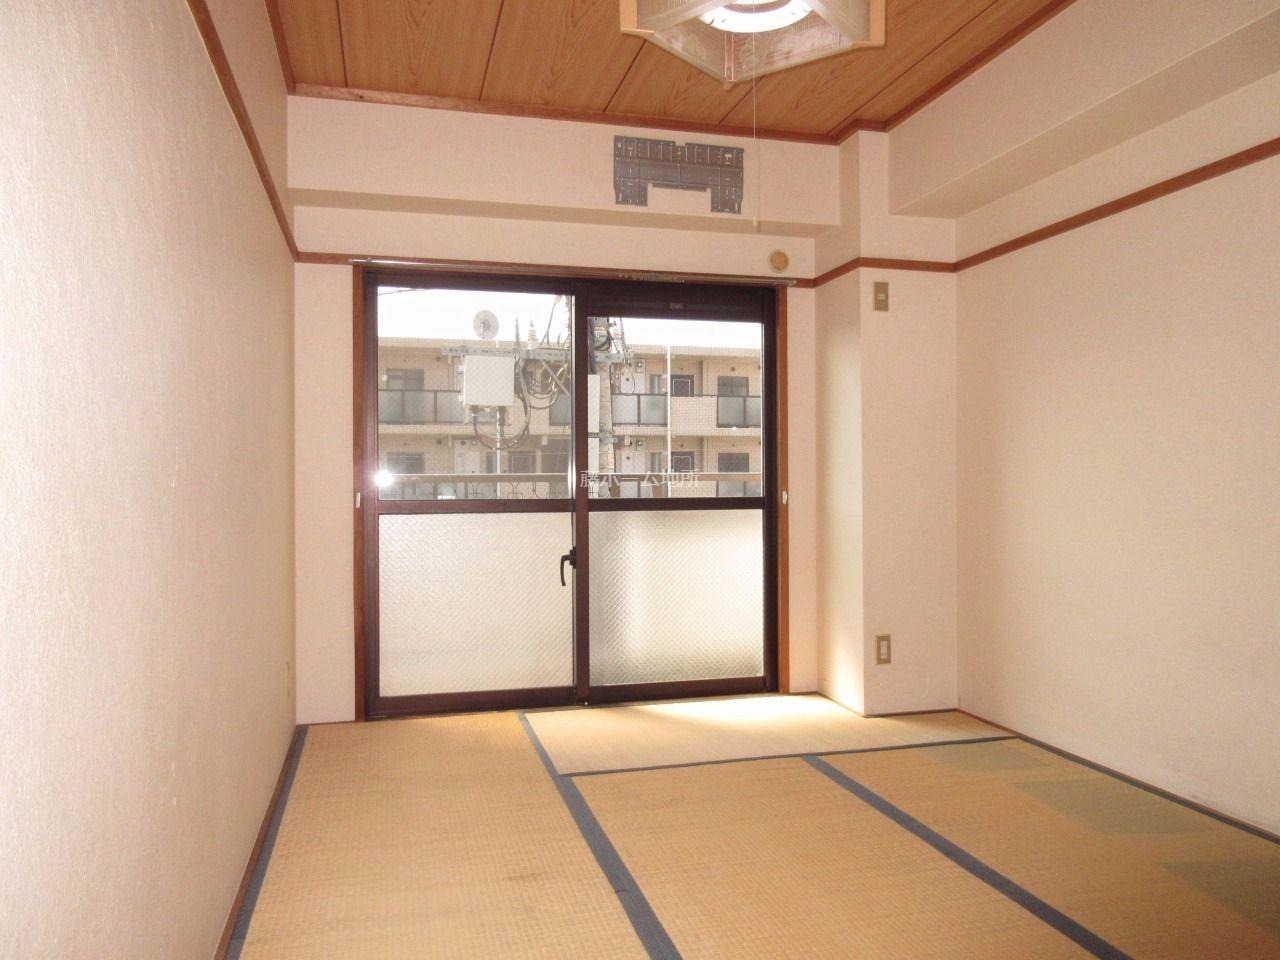 落ち着いた雰囲気の和室です